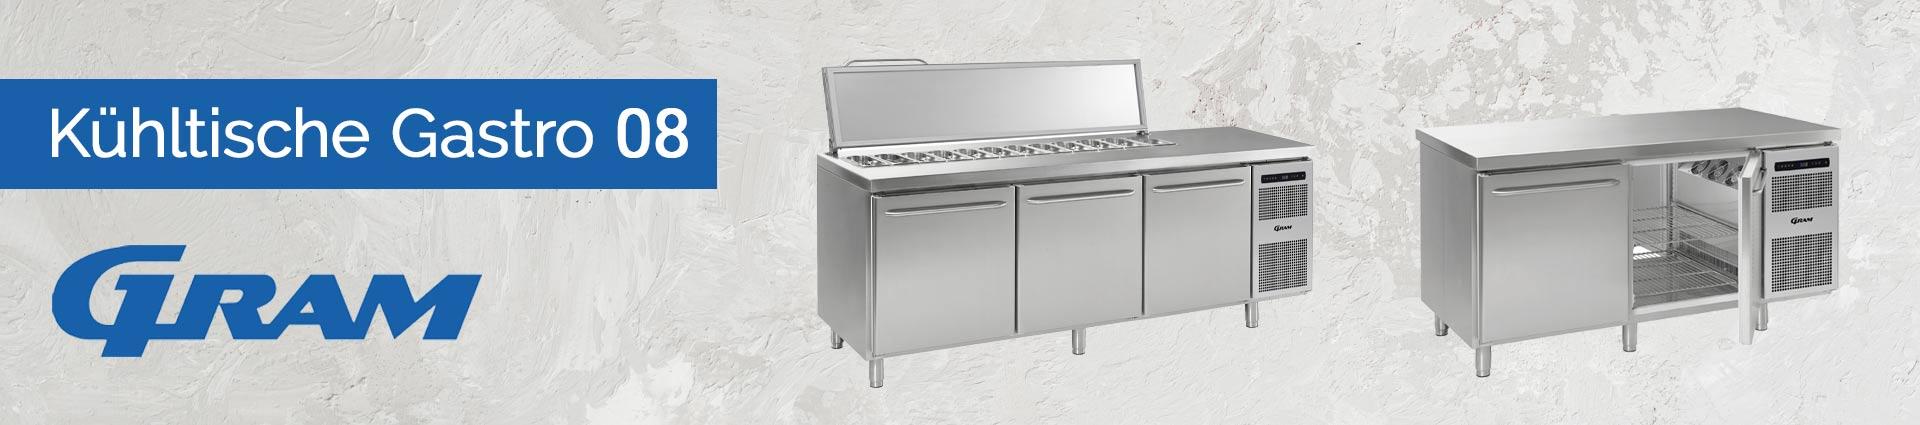 GRAM Kühltische Gastro 08 Banner